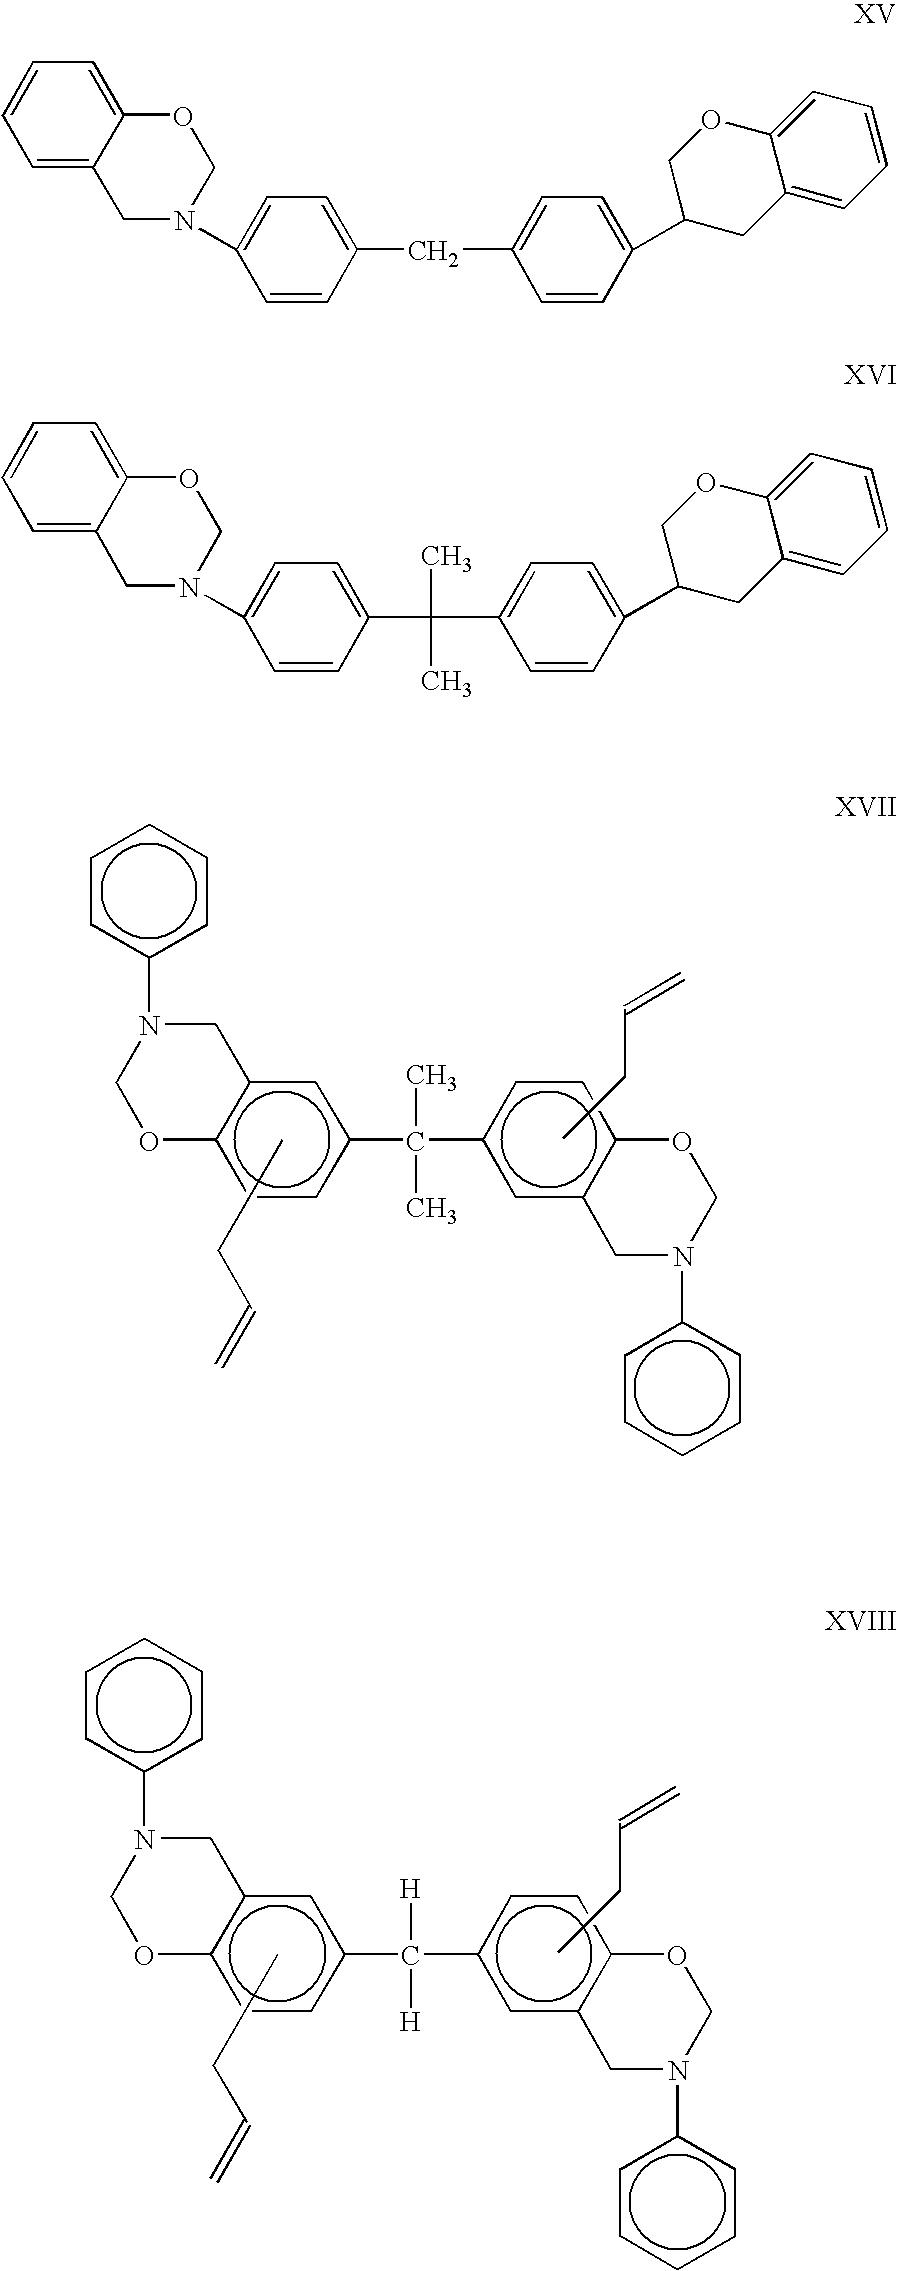 Figure US07537827-20090526-C00008